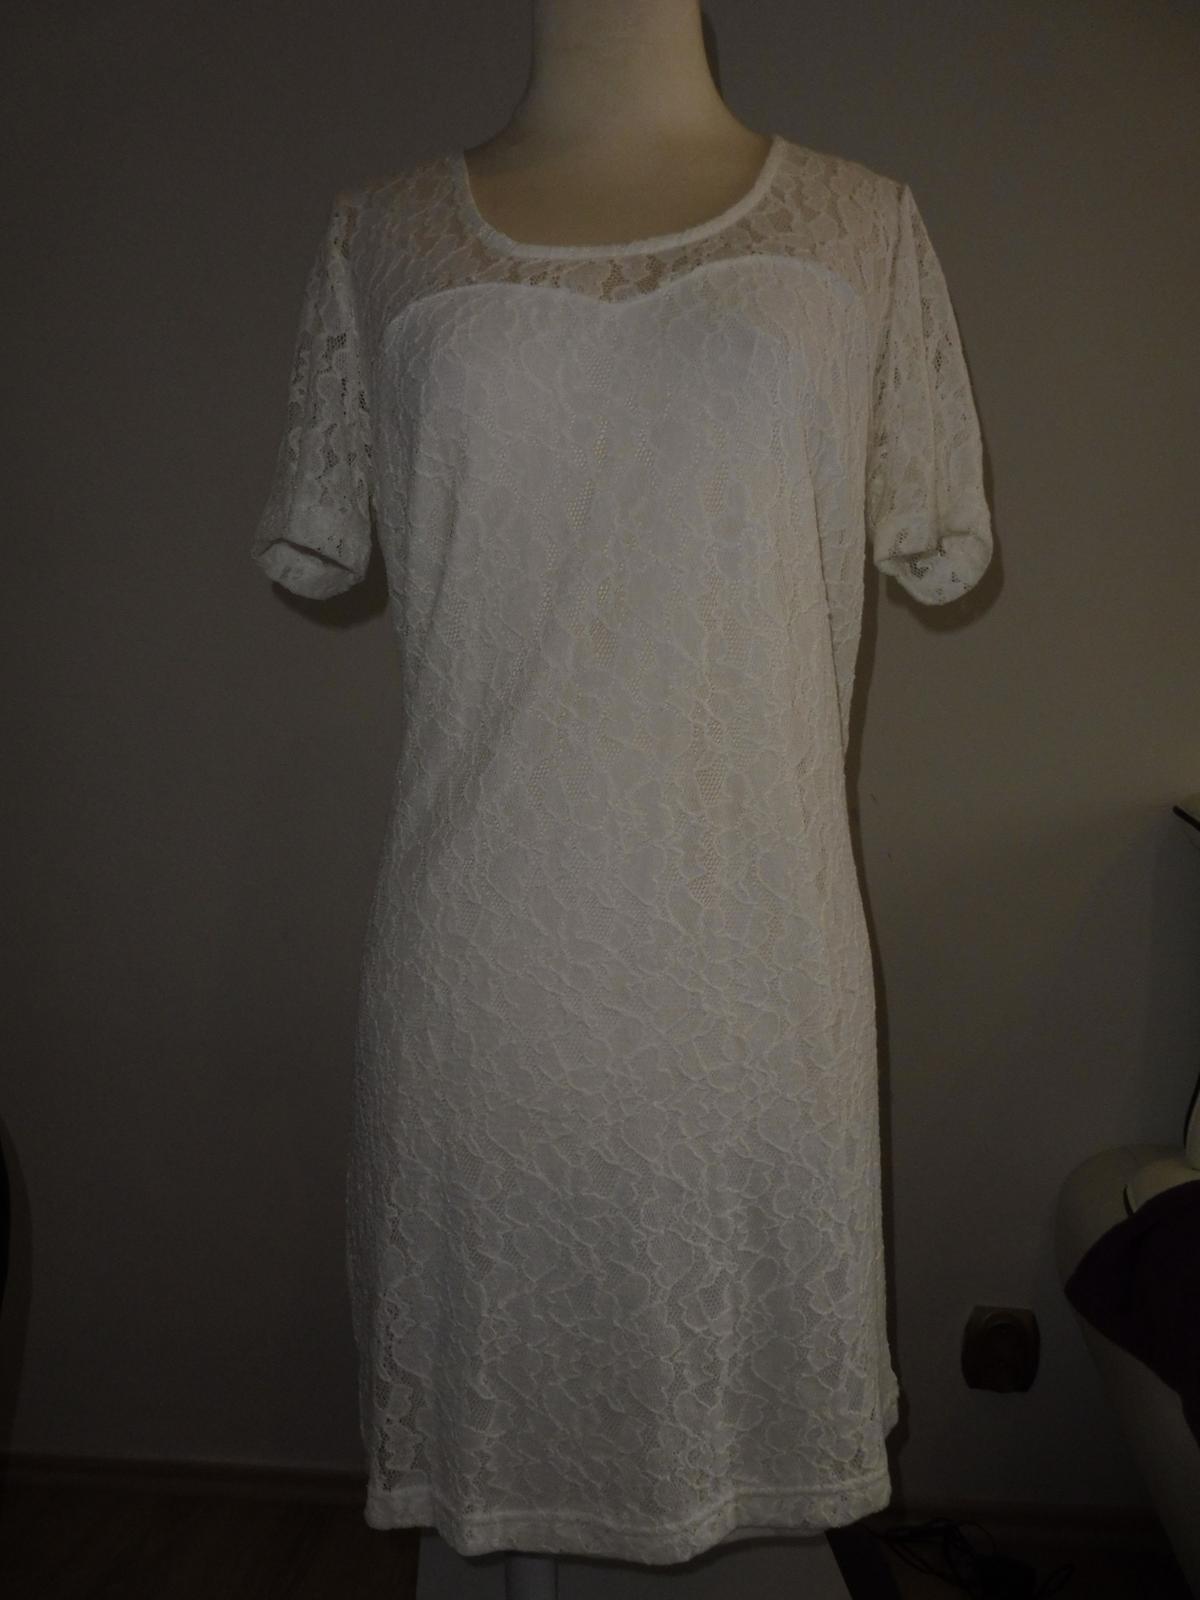 šaty vel.42 - Obrázek č. 1